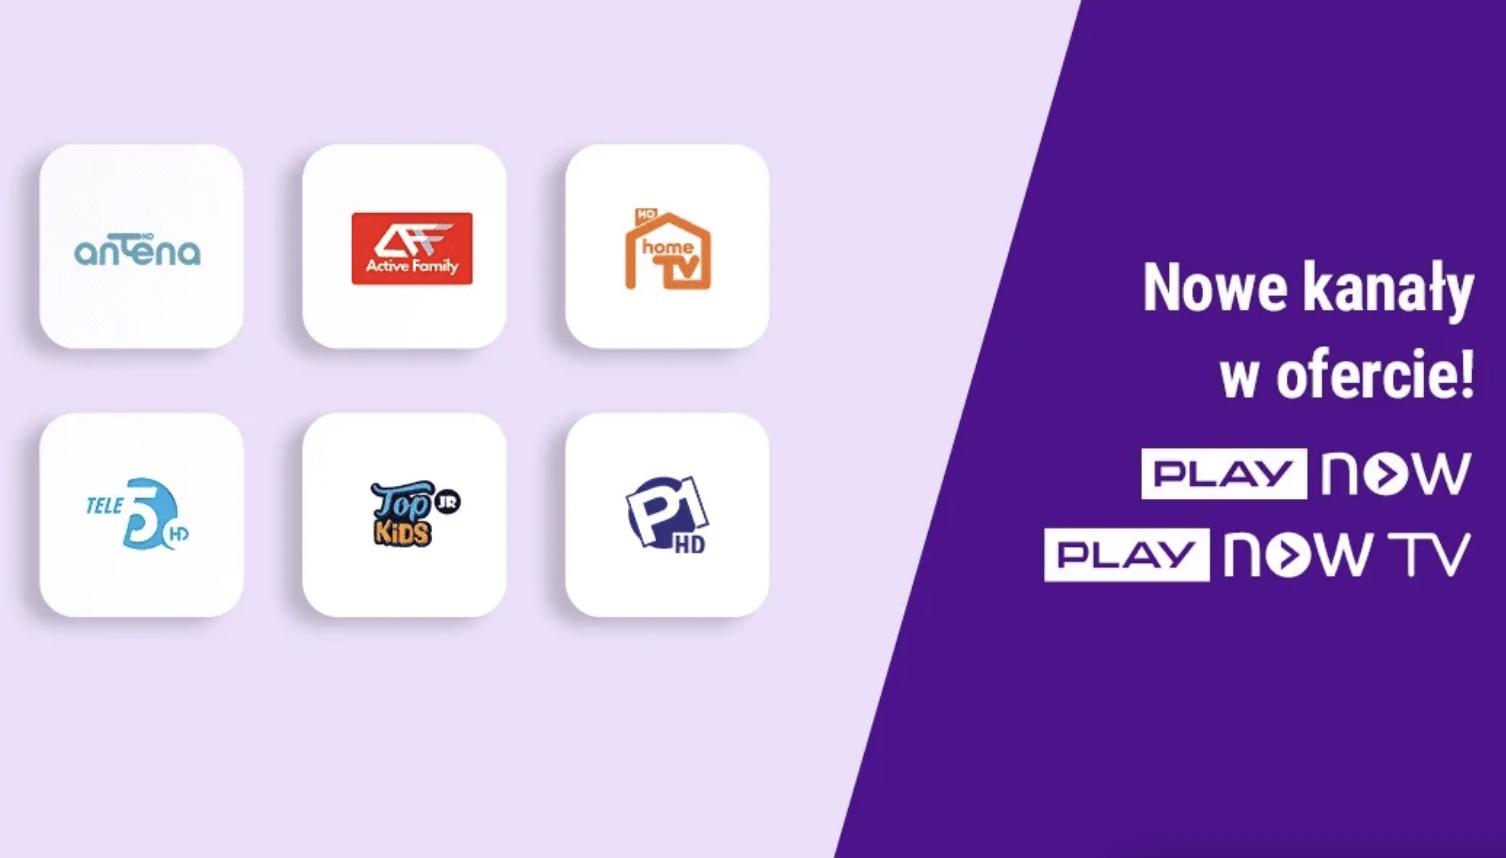 Nowe kanały dołączają do oferty PLAY NOW i PLAY NOW TV